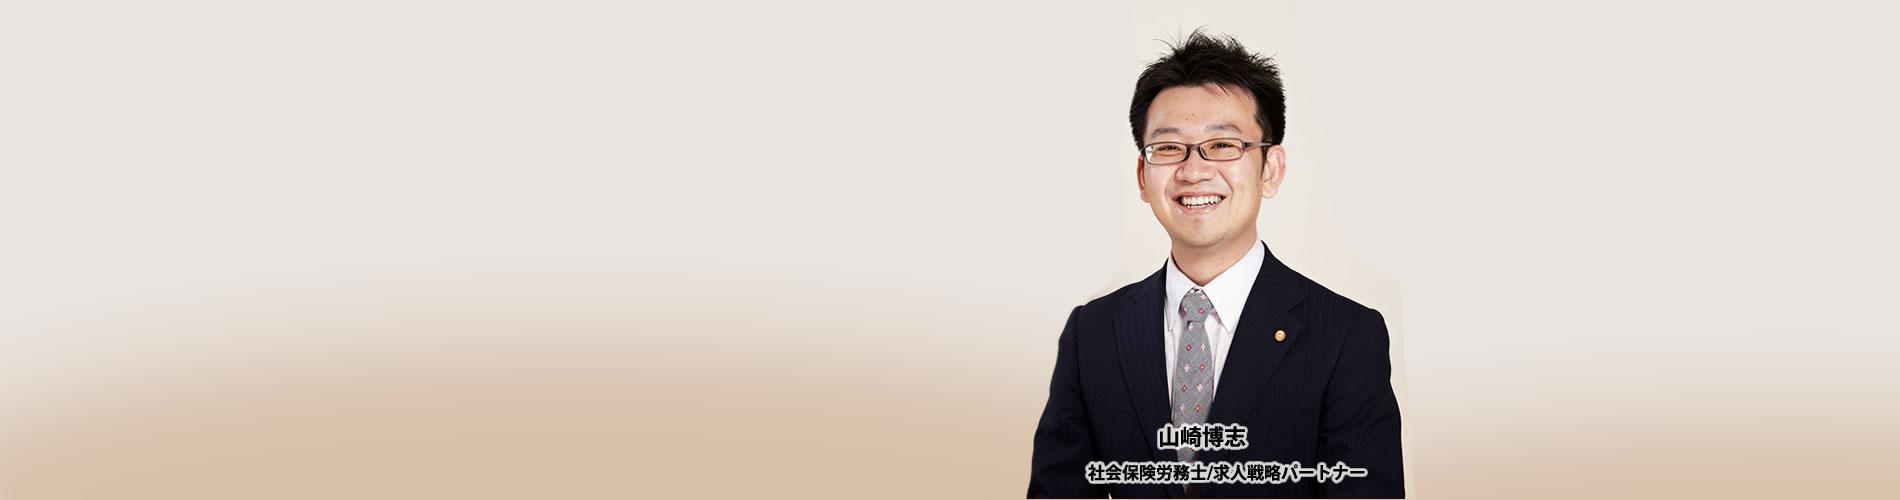 浜松市の社会保険労務士事務所です。企業の成長と共に重要になる人事労務や経営に関する お悩みをお聞かせください。